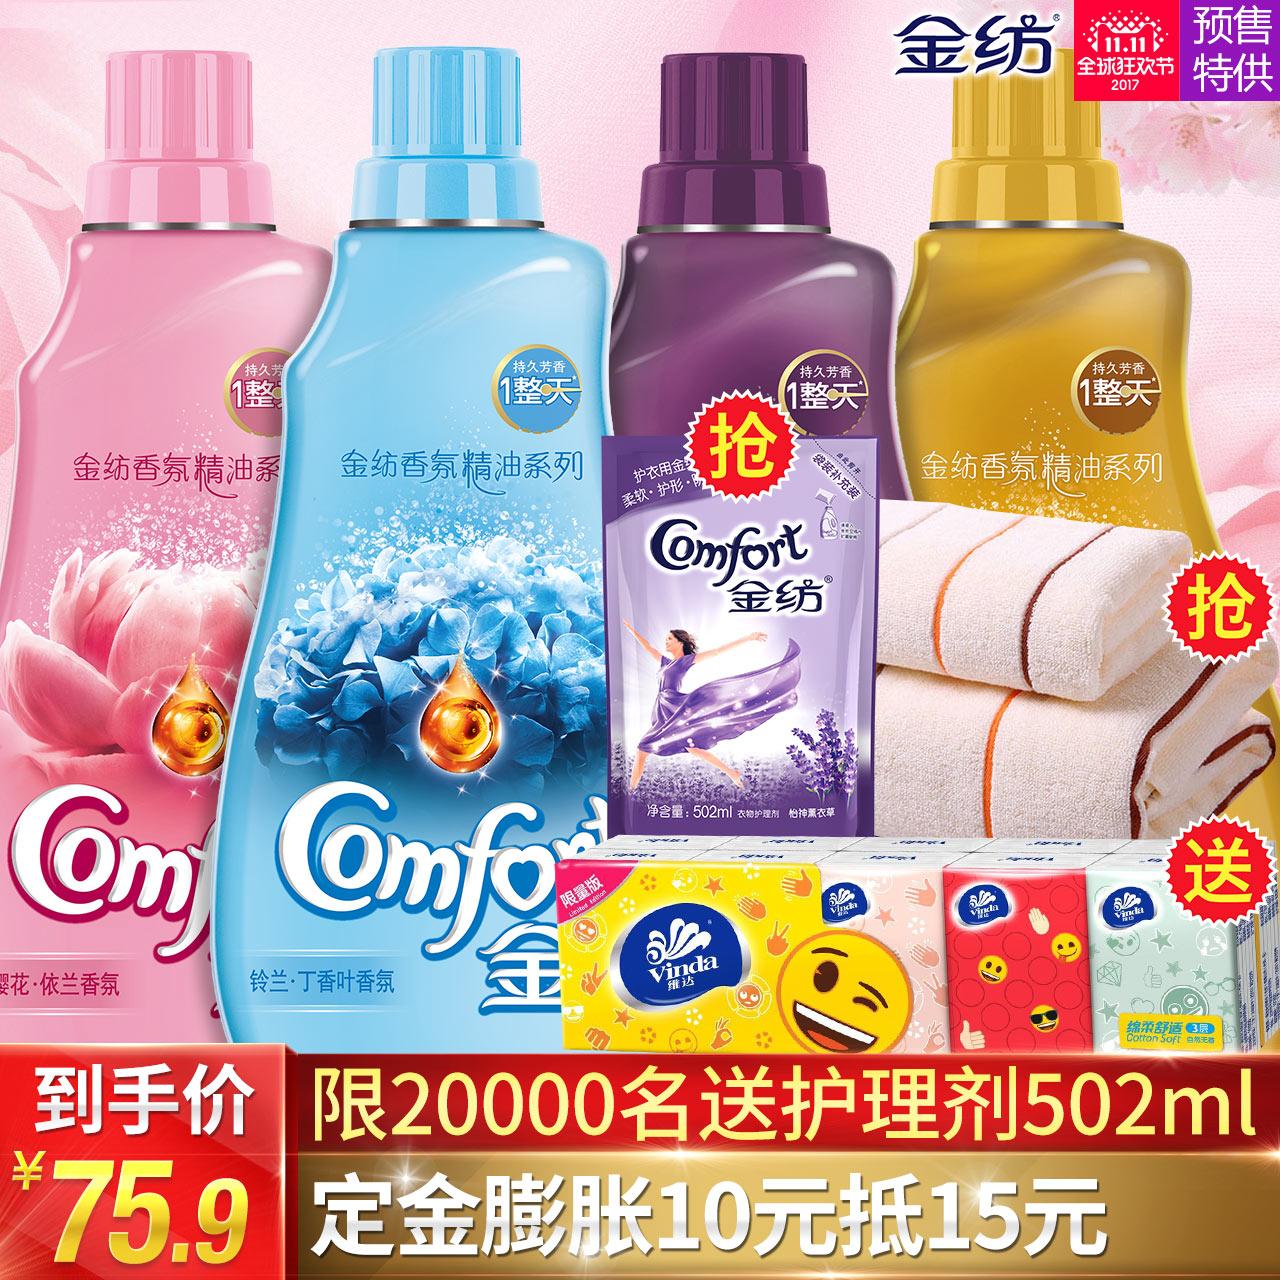 【双11预售】联合利华 金纺香氛精油系列8斤 衣物柔顺剂 正品套装